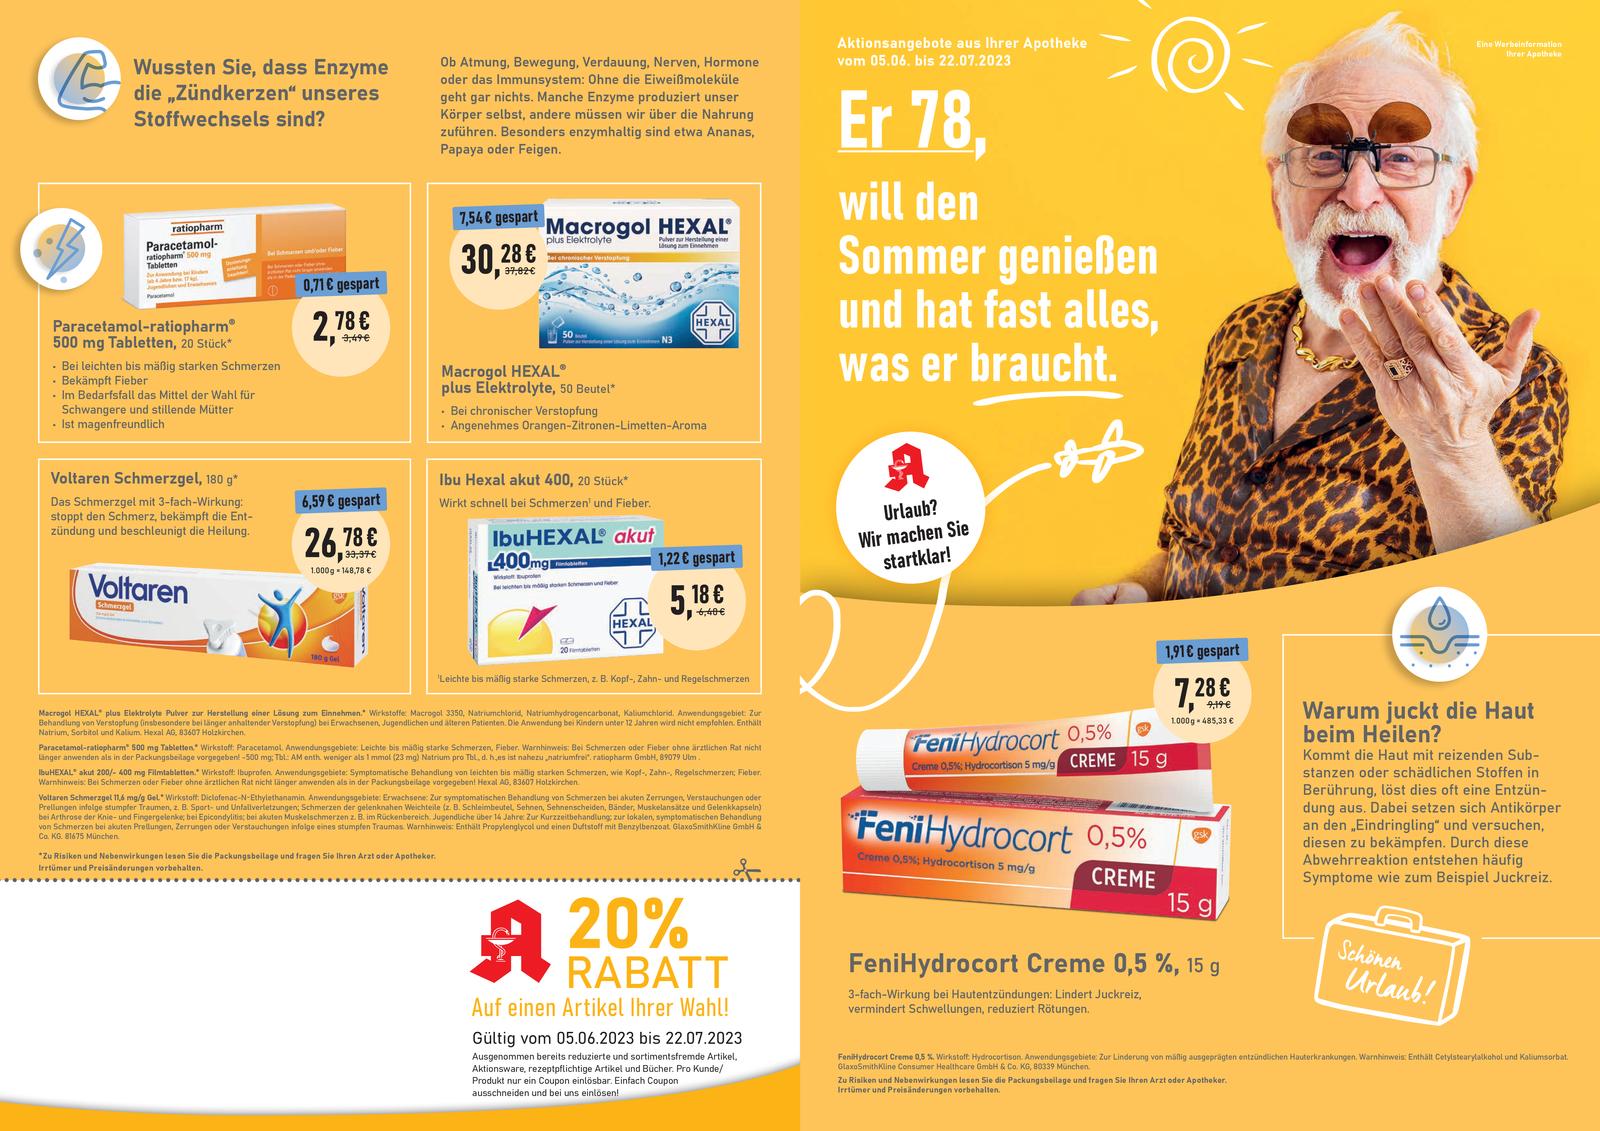 https://mein-uploads.apocdn.net/2125/leaflets/sam_hoch-Seite1.png